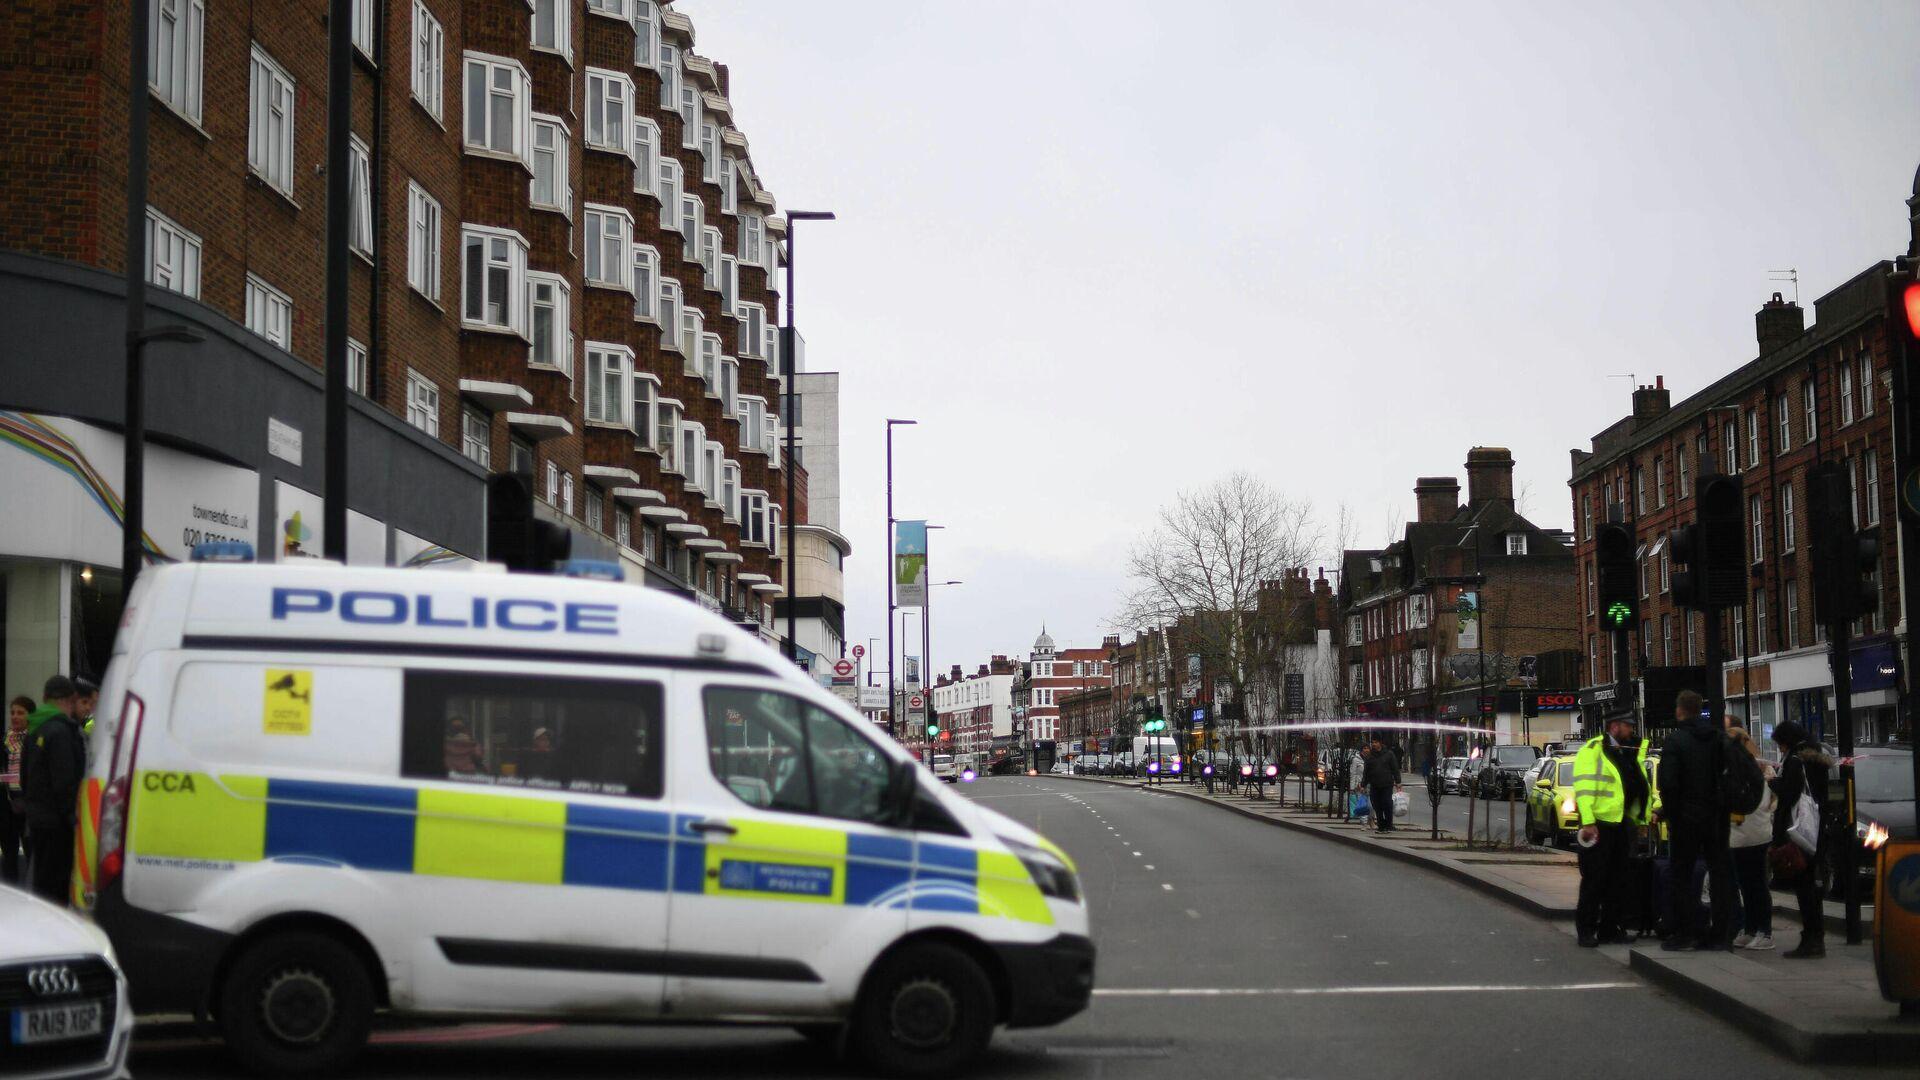 Полиция на месте происшествия в районе Стретэм, Лондон. 2  февраля 2020 - РИА Новости, 1920, 05.09.2020